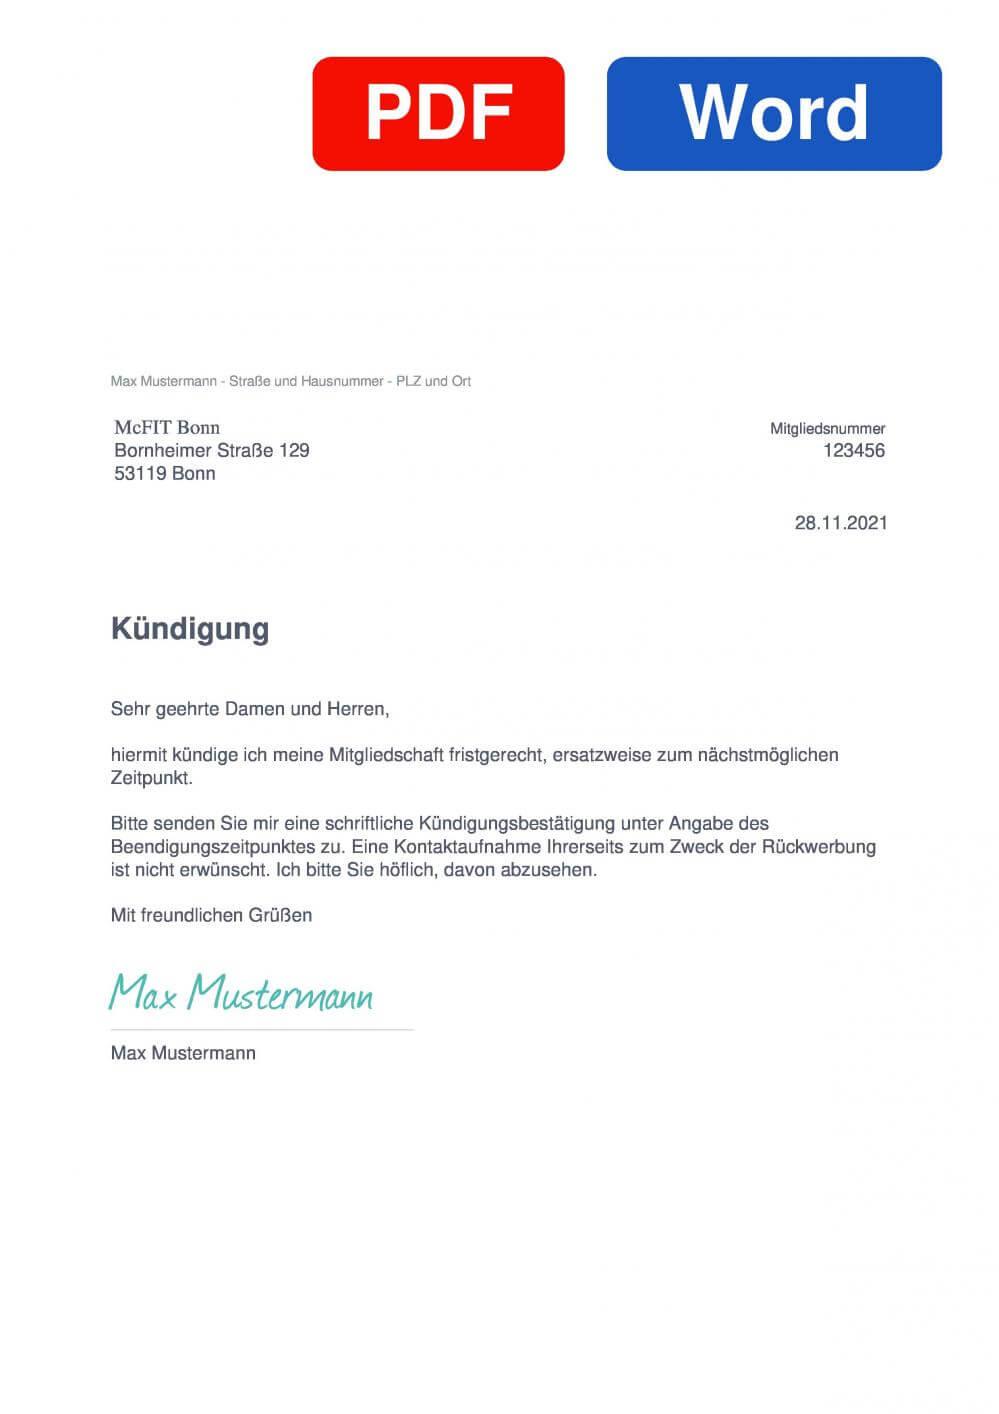 McFIT Bonn Bornheimer Straße Muster Vorlage für Kündigungsschreiben